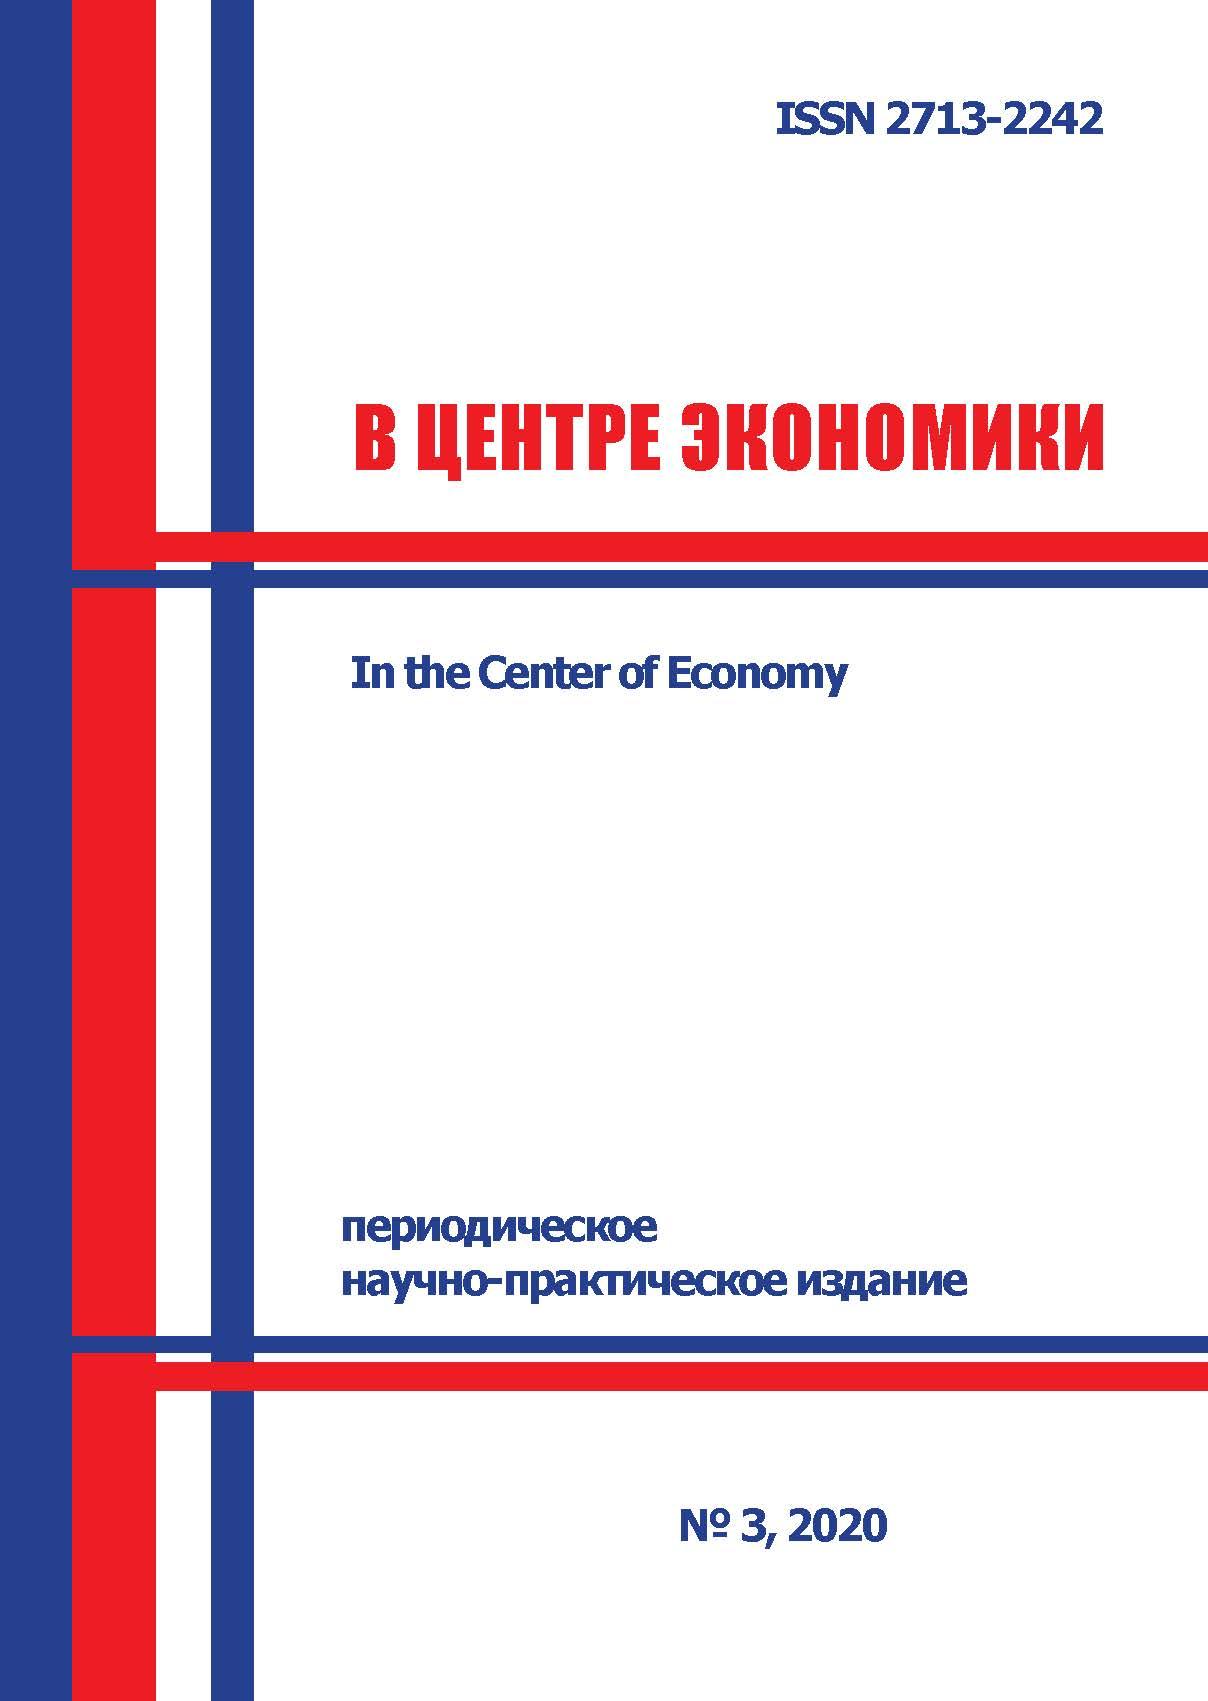 """Обложка журнала """"В центре экономики"""" №3, 2020"""